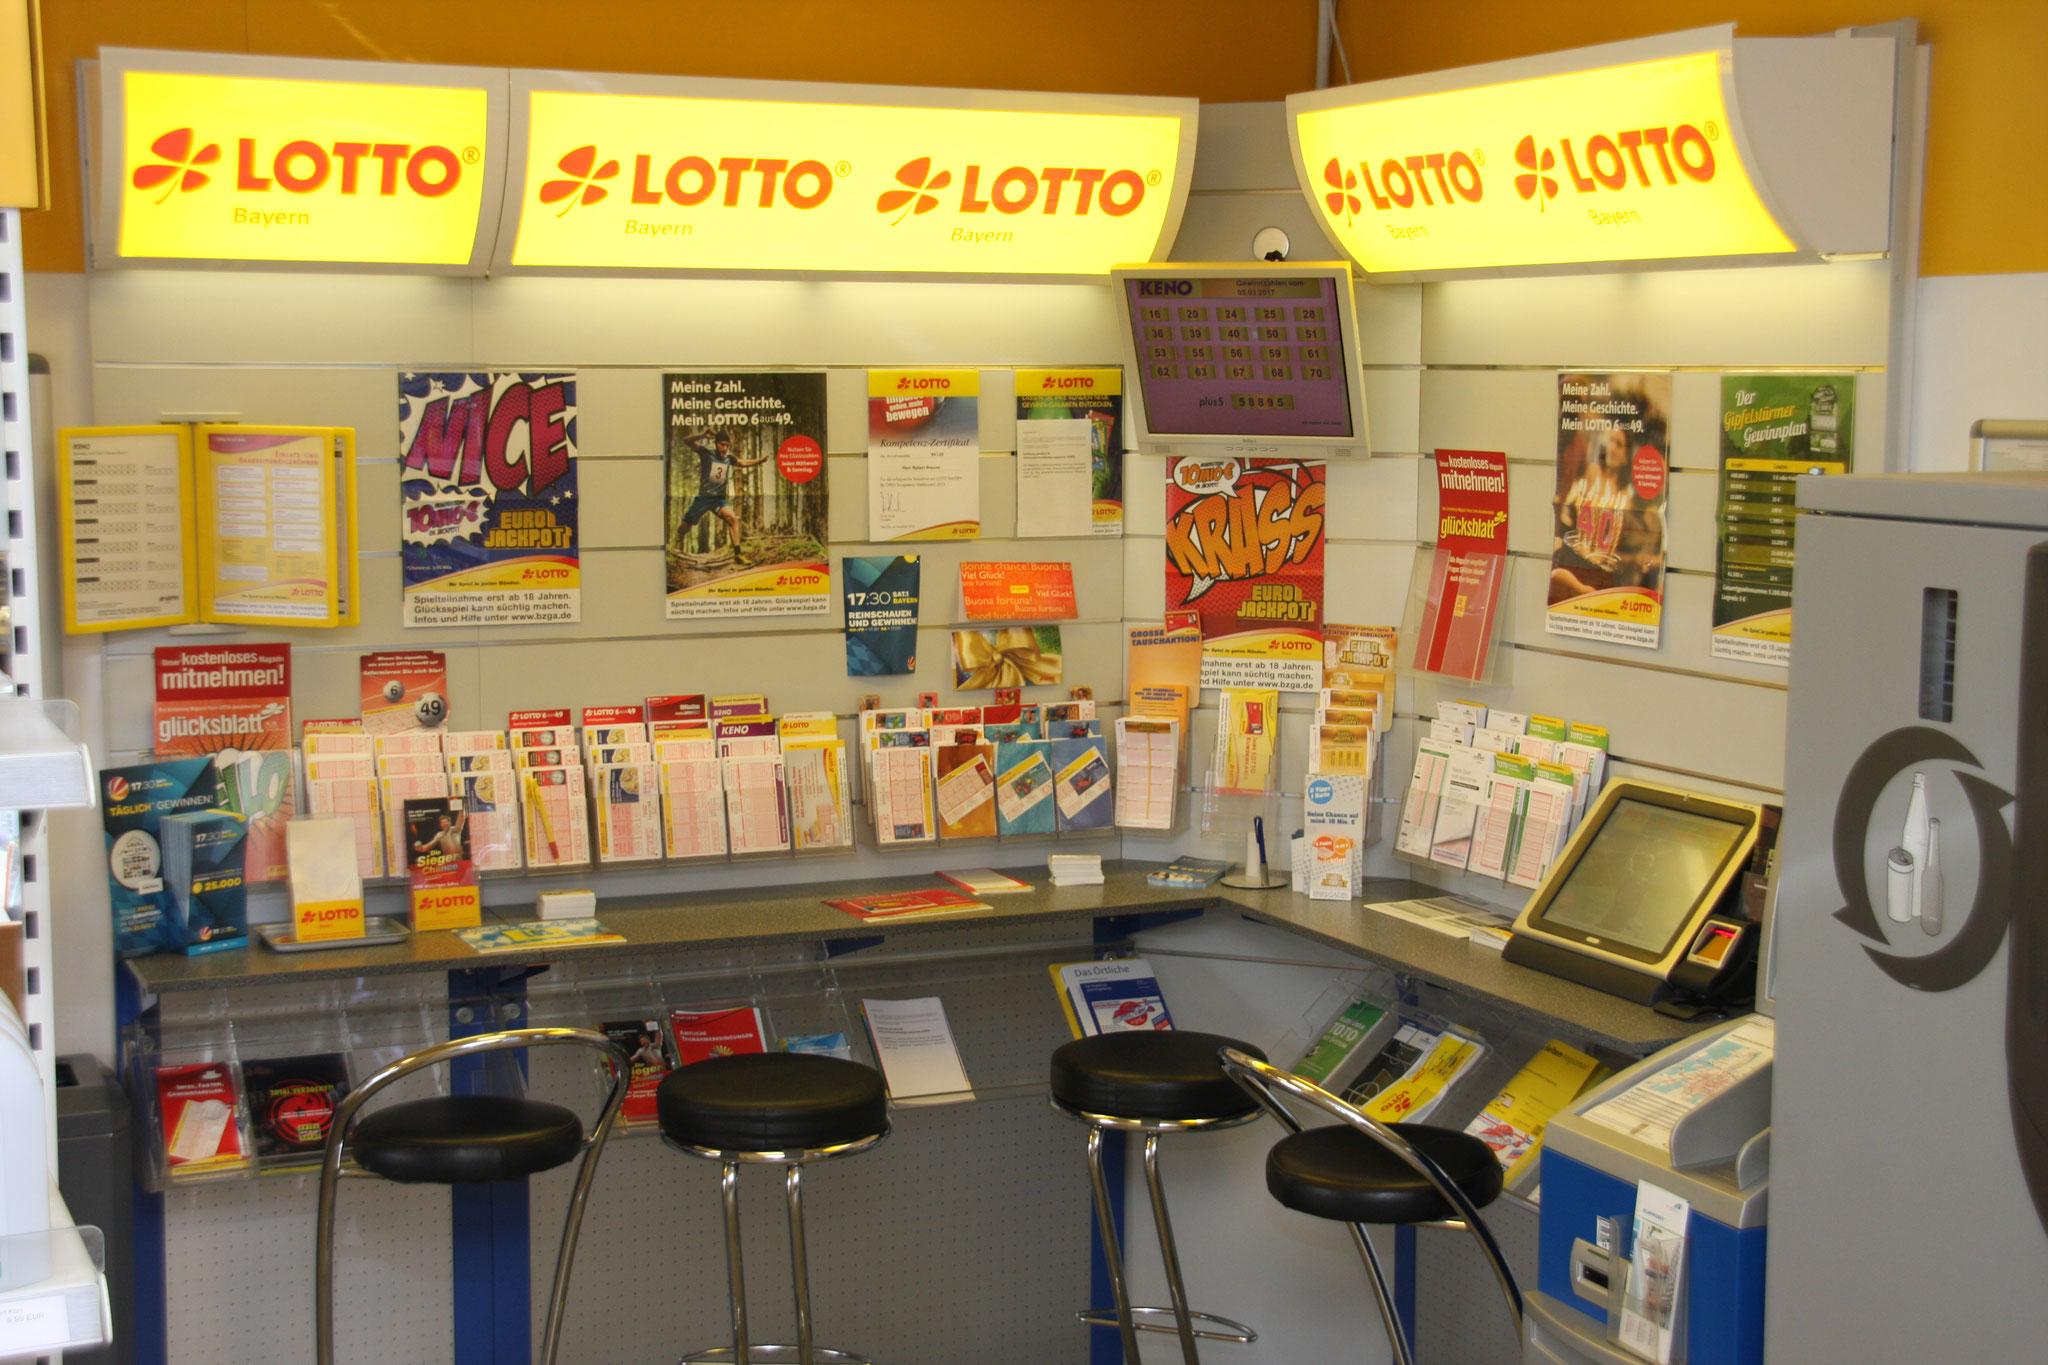 Lotto-Ecke